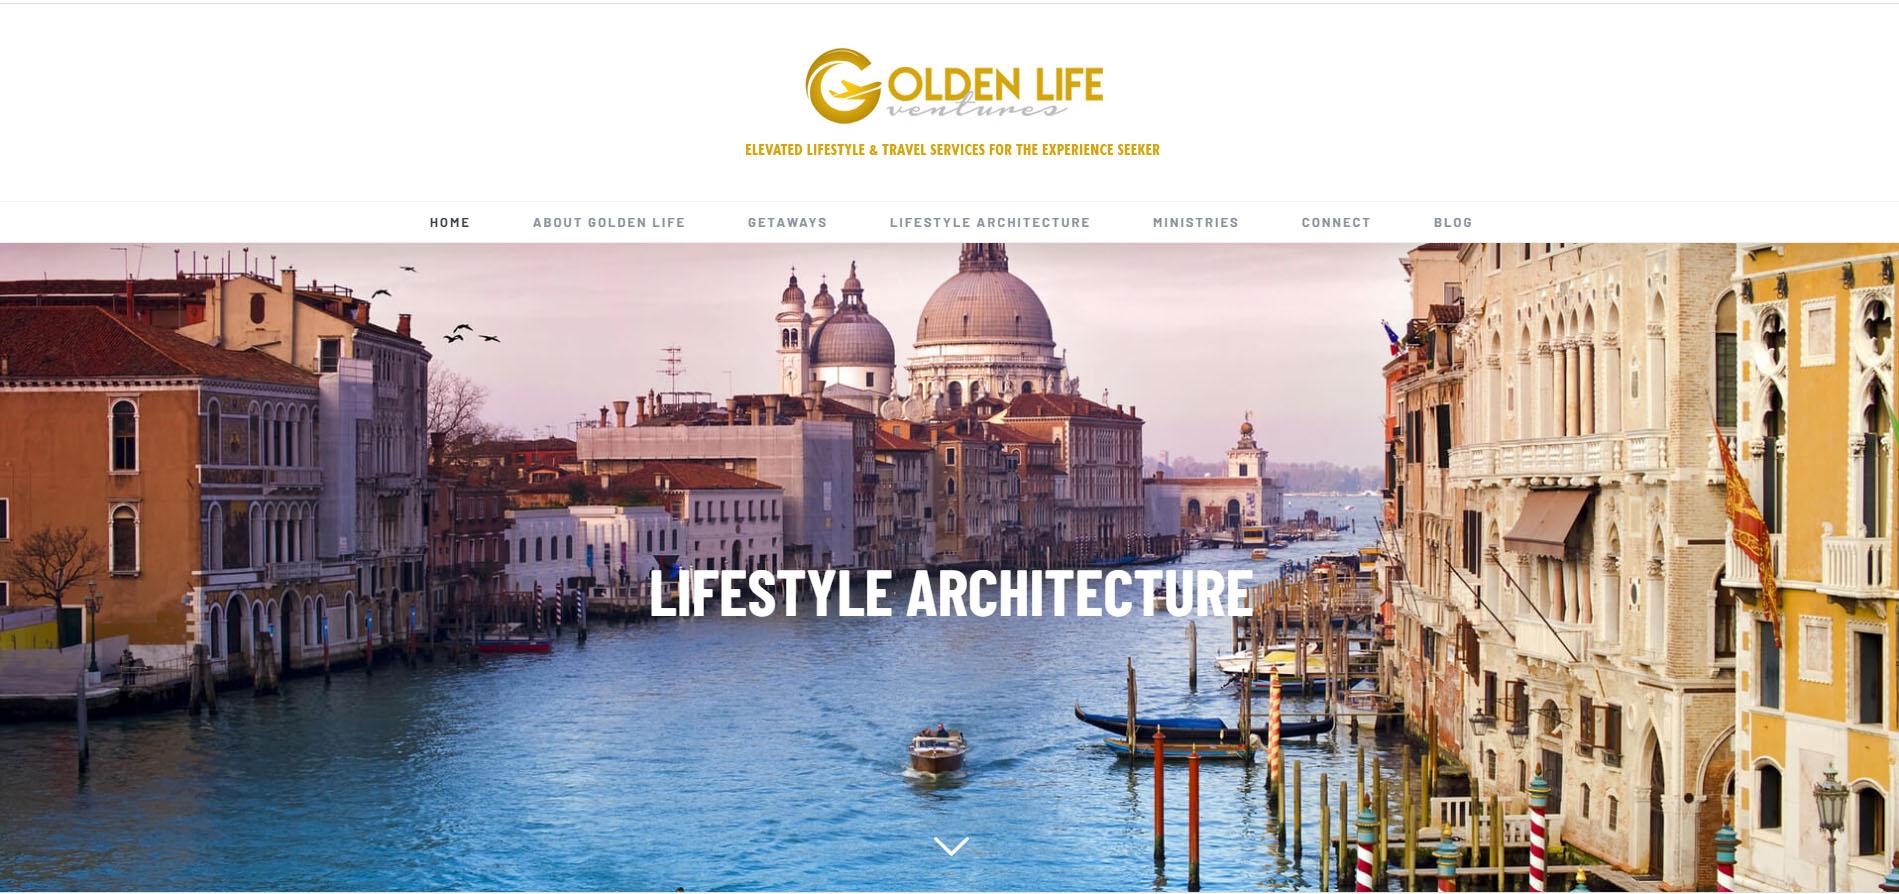 golden life ventures